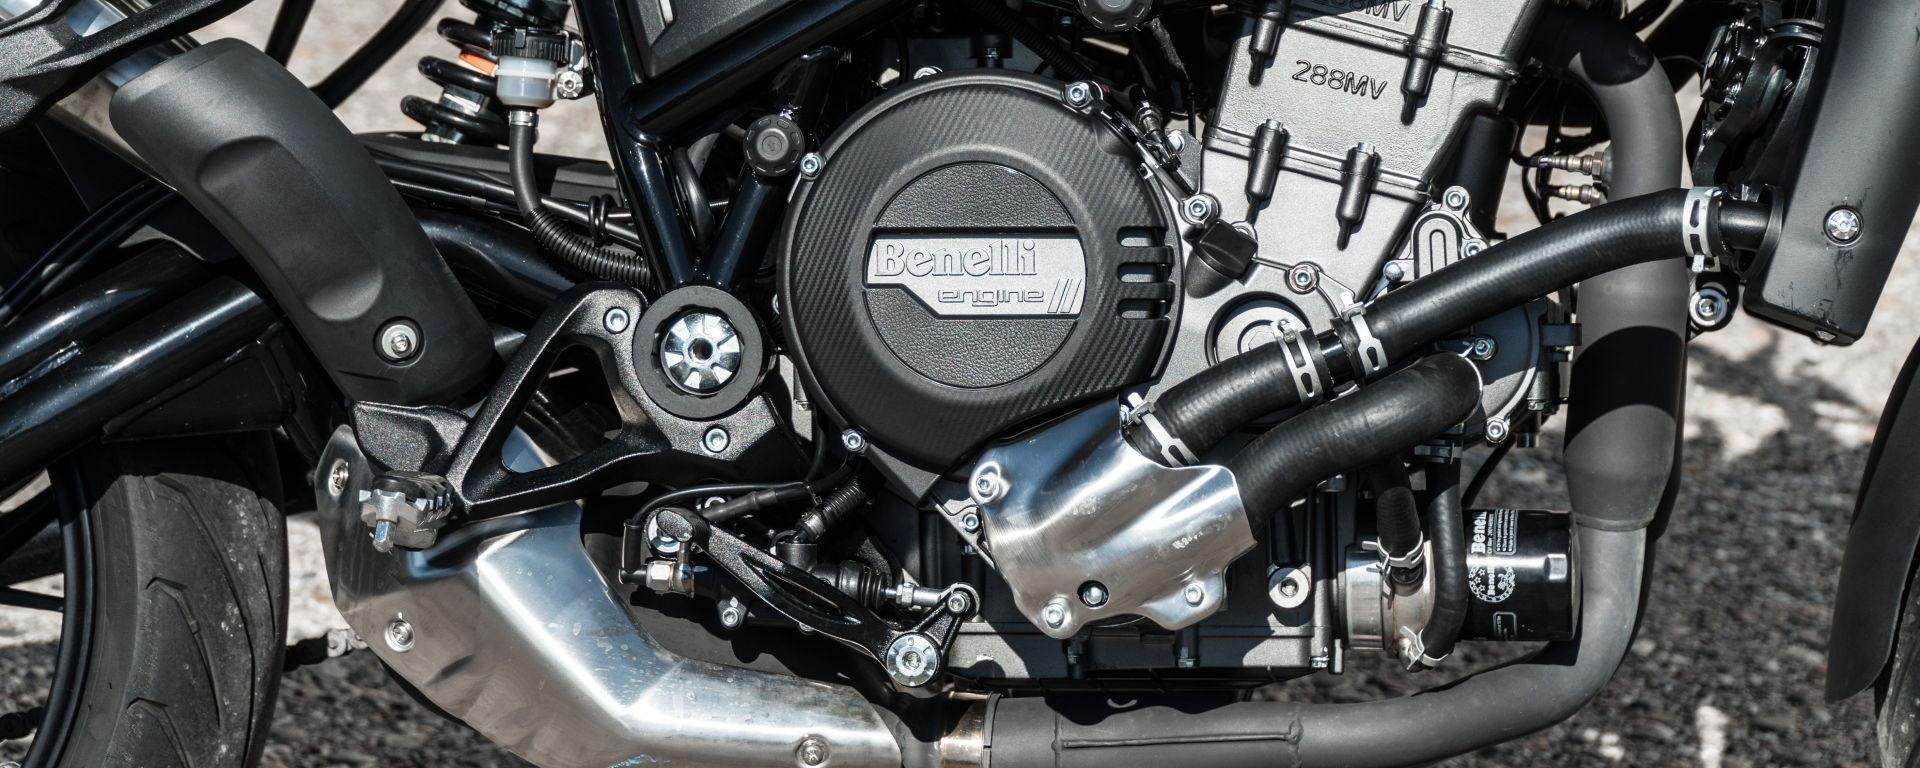 Il motore della Benelli 752 S sarà lo stesso della Benelli TRK 800